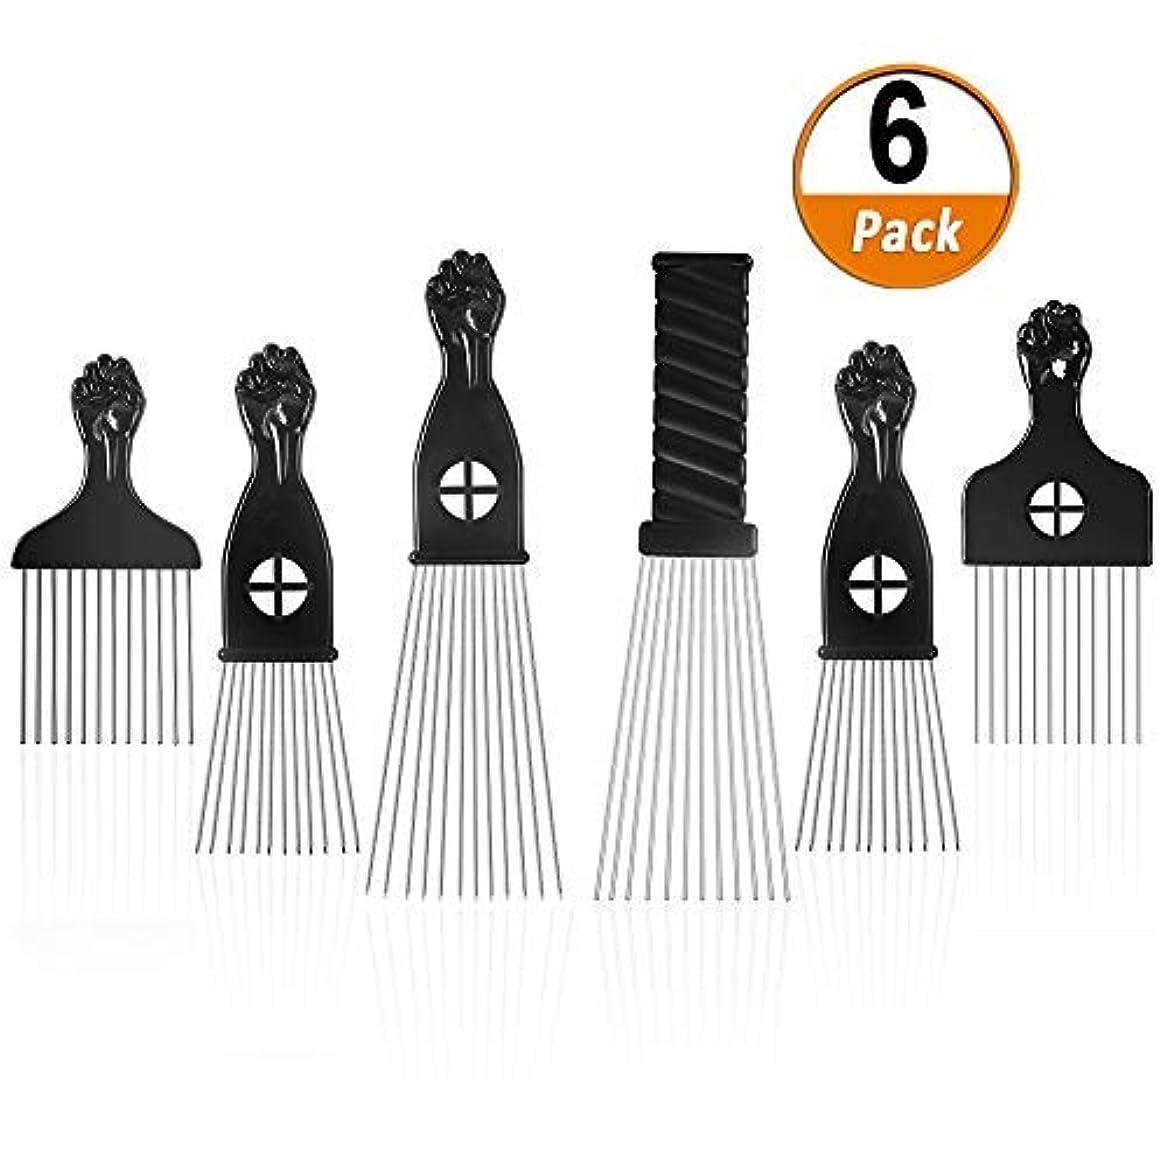 物質体系的に撤退Afro Pick 6 Pack Metal African American Afro Hair Comb Hairdressing Styling Tool Hair Pick with Black Fist [並行輸入品]